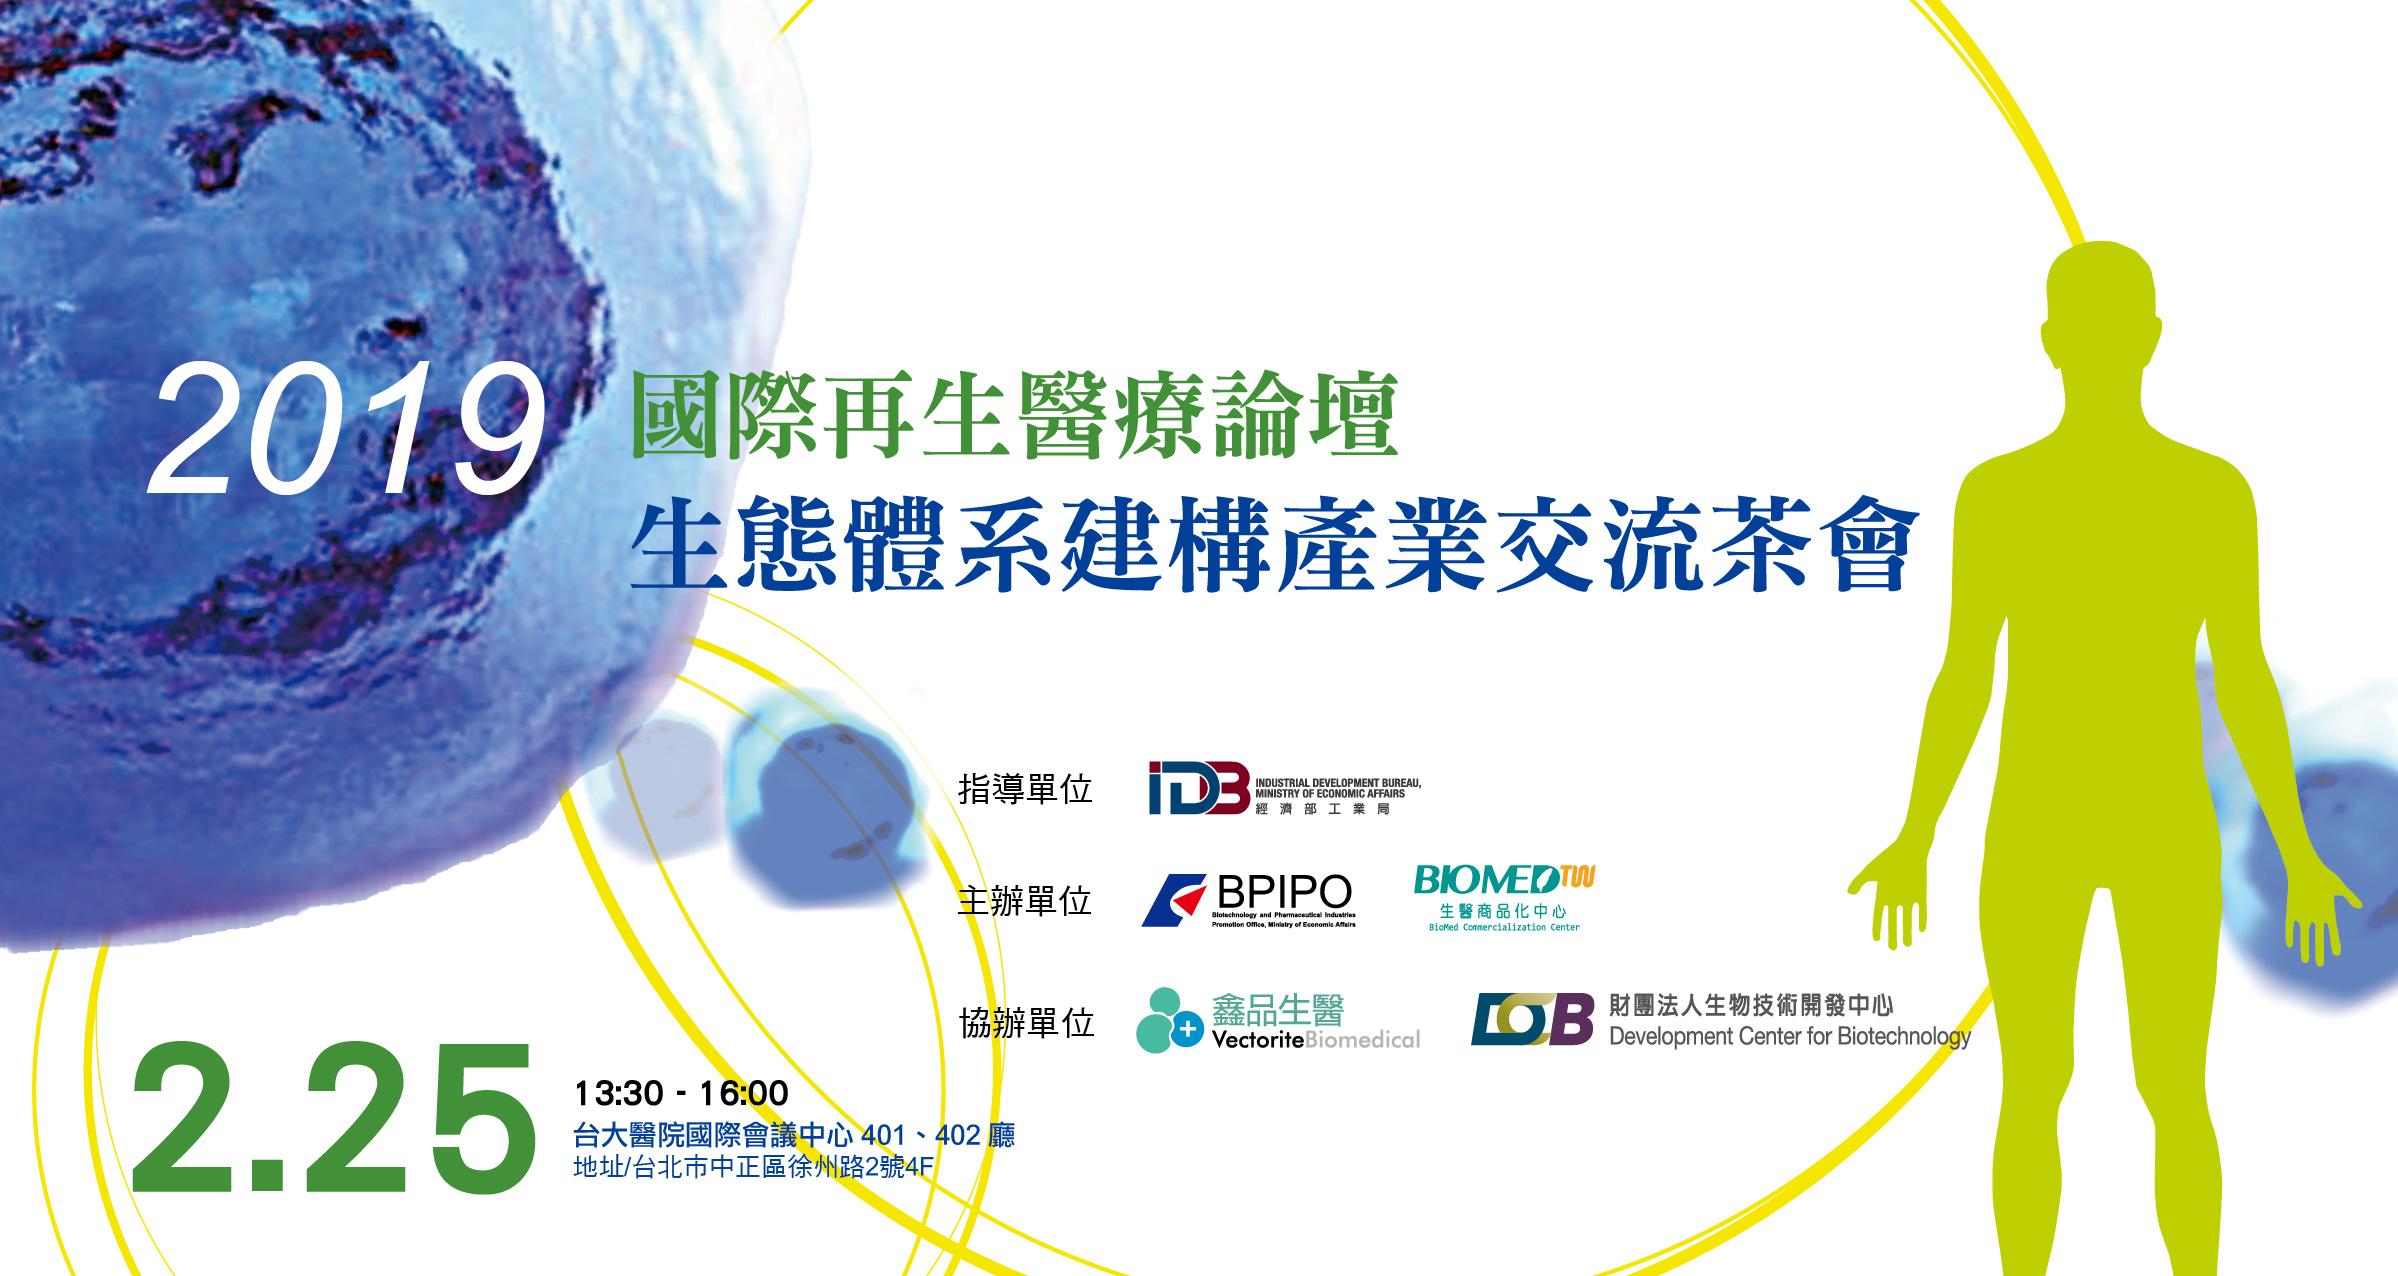 2019國際再生醫療論壇-生態體系建構產業交流茶會website-04